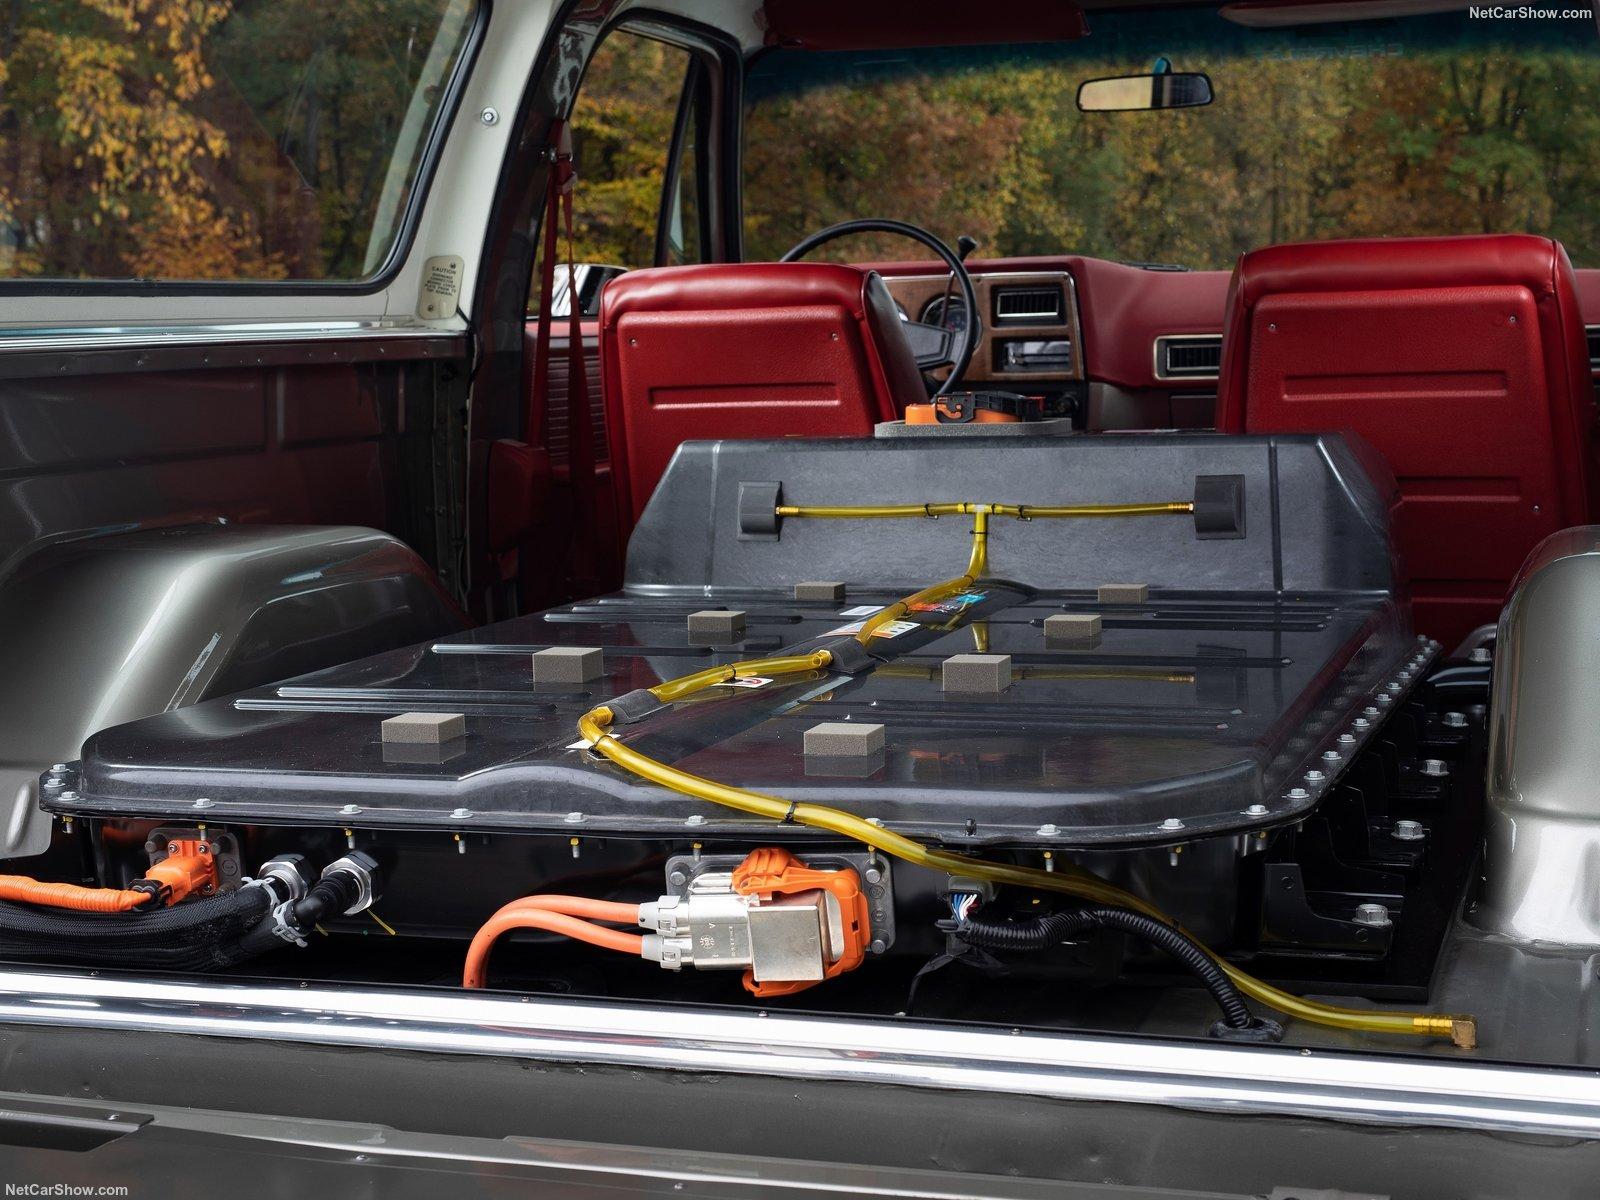 Il pacco batterie installato nel bagagliaio